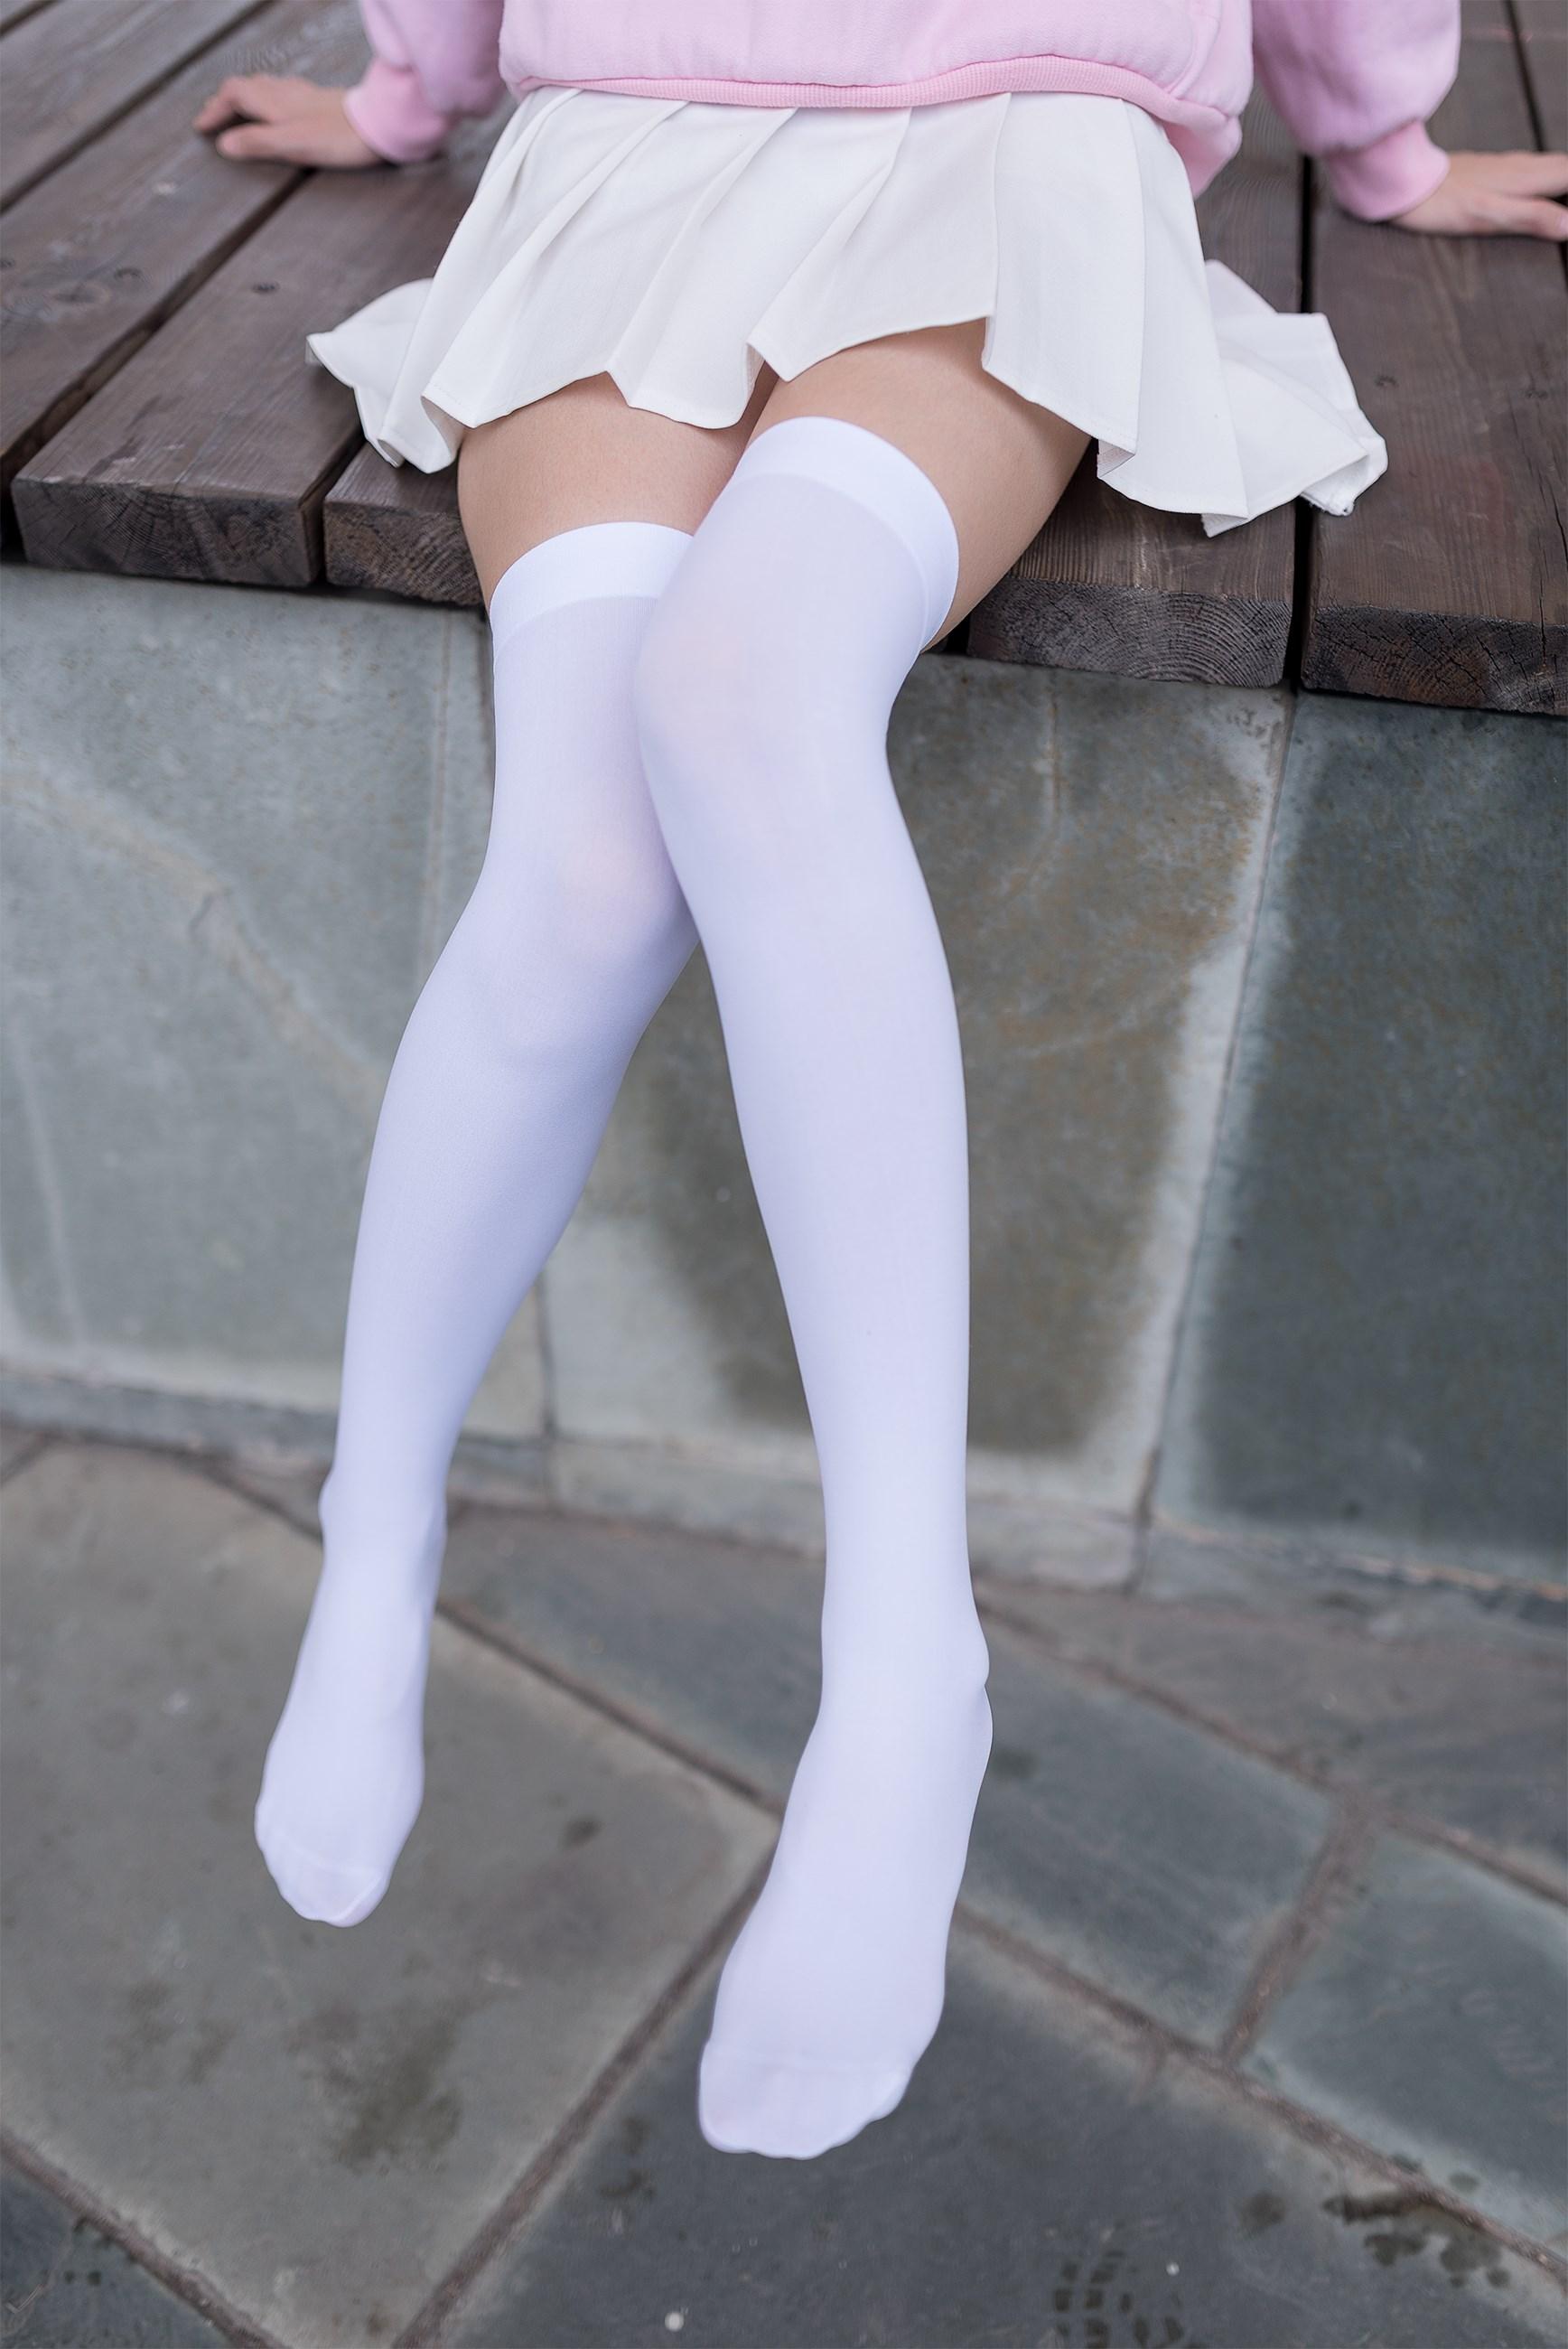 【兔玩映画】白裙子 兔玩映画 第16张